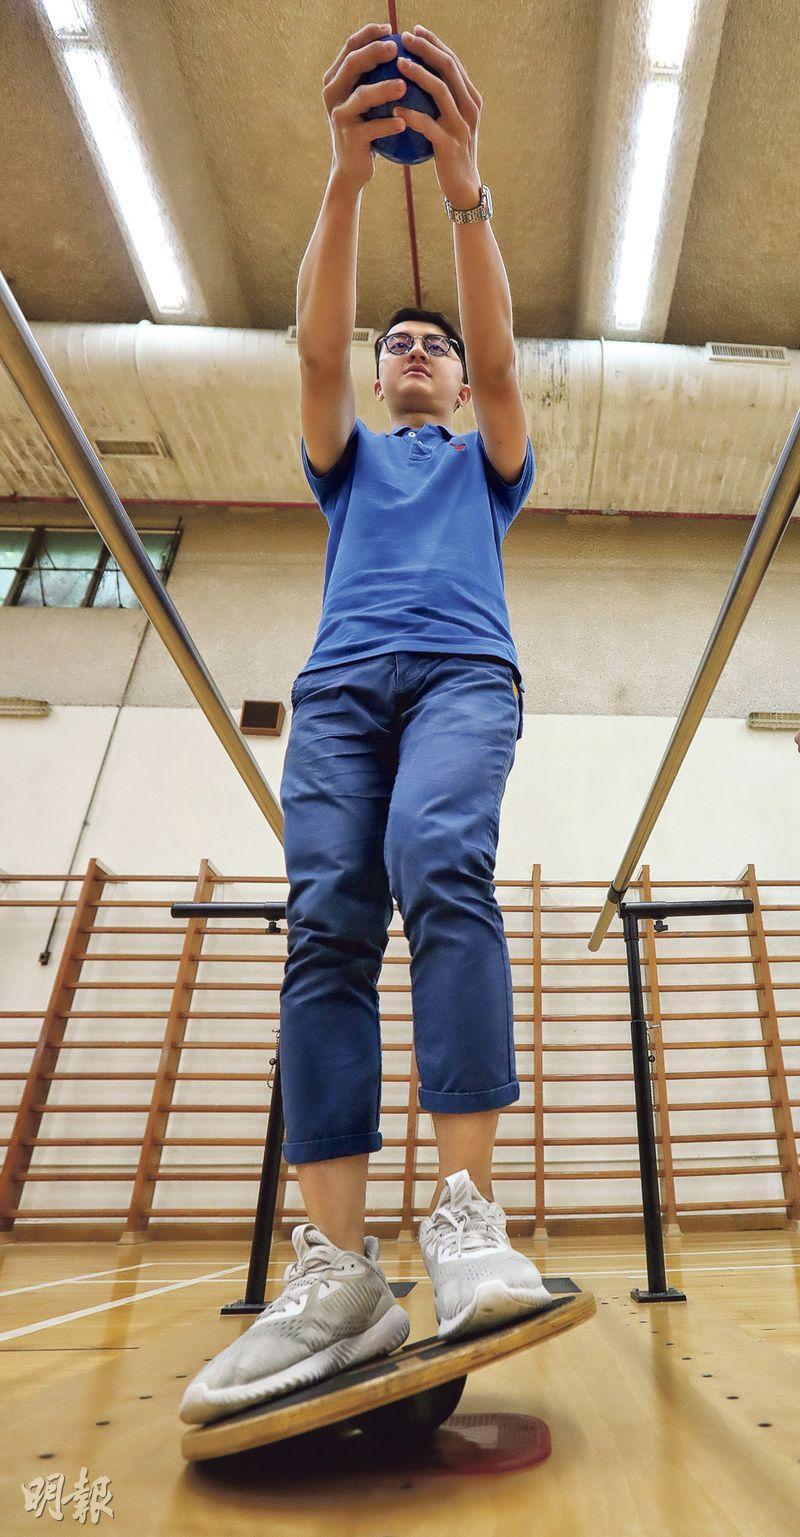 去年備戰馬拉松期間被的士撞至腦部重創的張允祈(圖),出院後在麥理浩復康院接受治療,現已恢復身體機能,可以跑步、打籃球等。圖為Ricky示範接受物理治療,該動作主要訓練平衡力、腹部和背部等肌肉。(李紹昌攝)